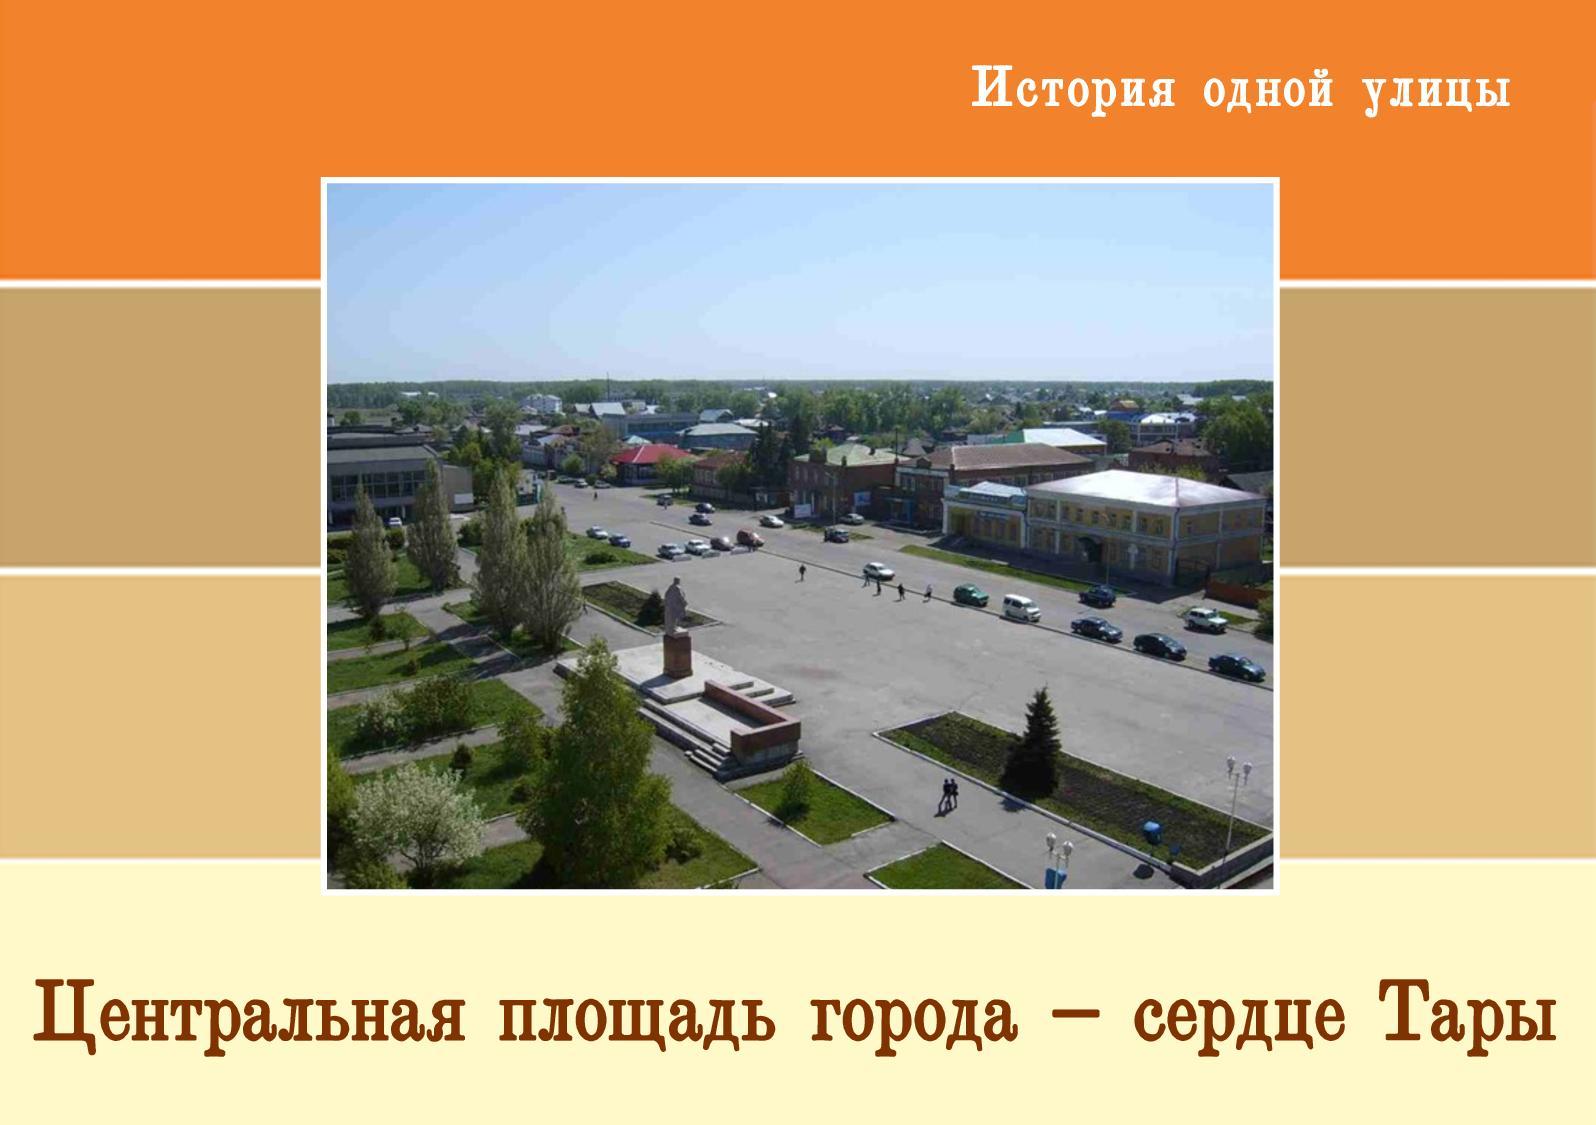 Центральная площадь города - сердце Тары